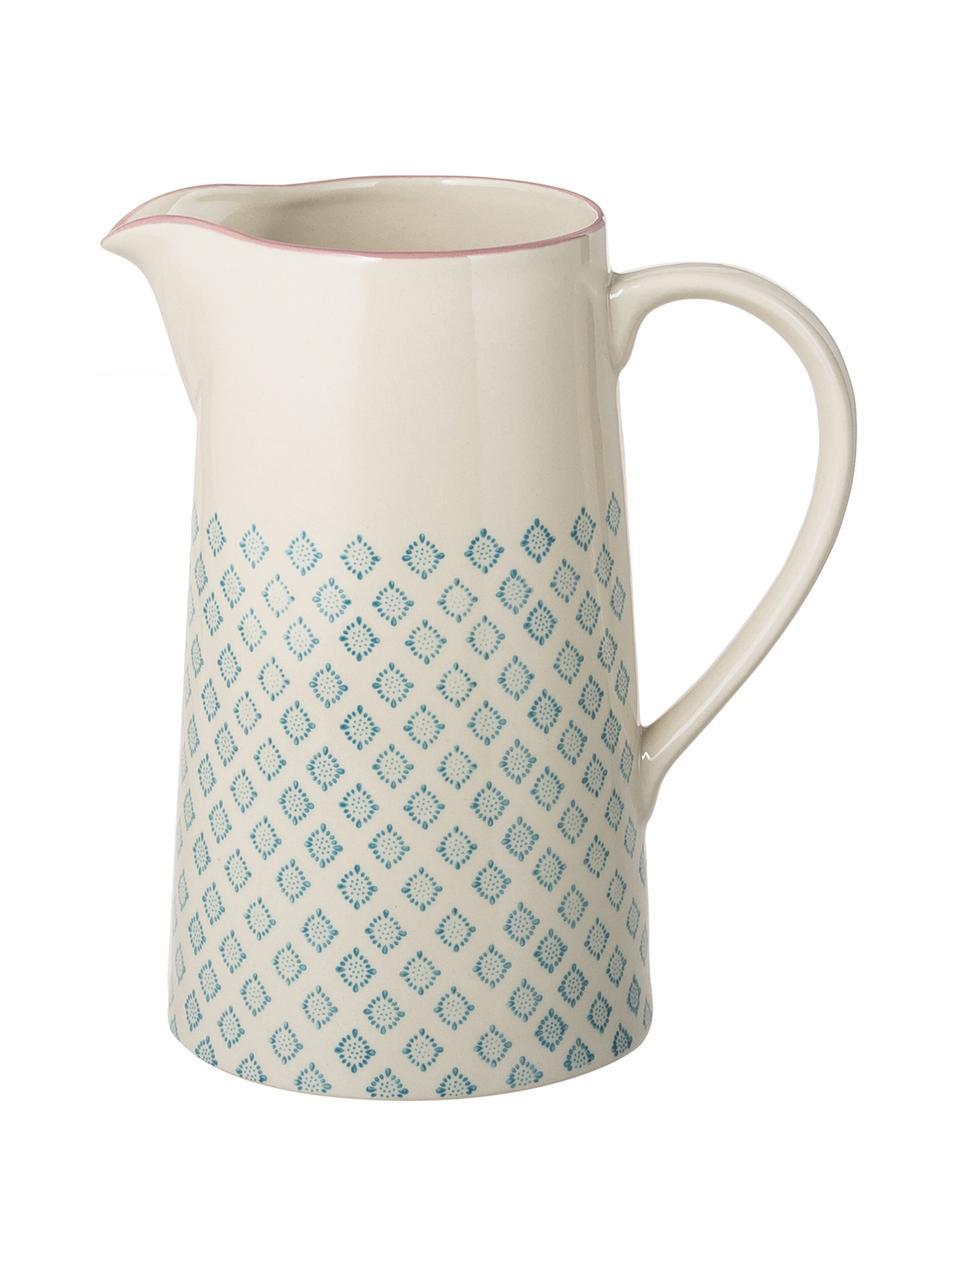 Handbeschilderde keramische waterkan Patrizia met een speels patroon, 2 L, Keramiek, Petrolkleurig, crèmekleurig, paars, 2 L